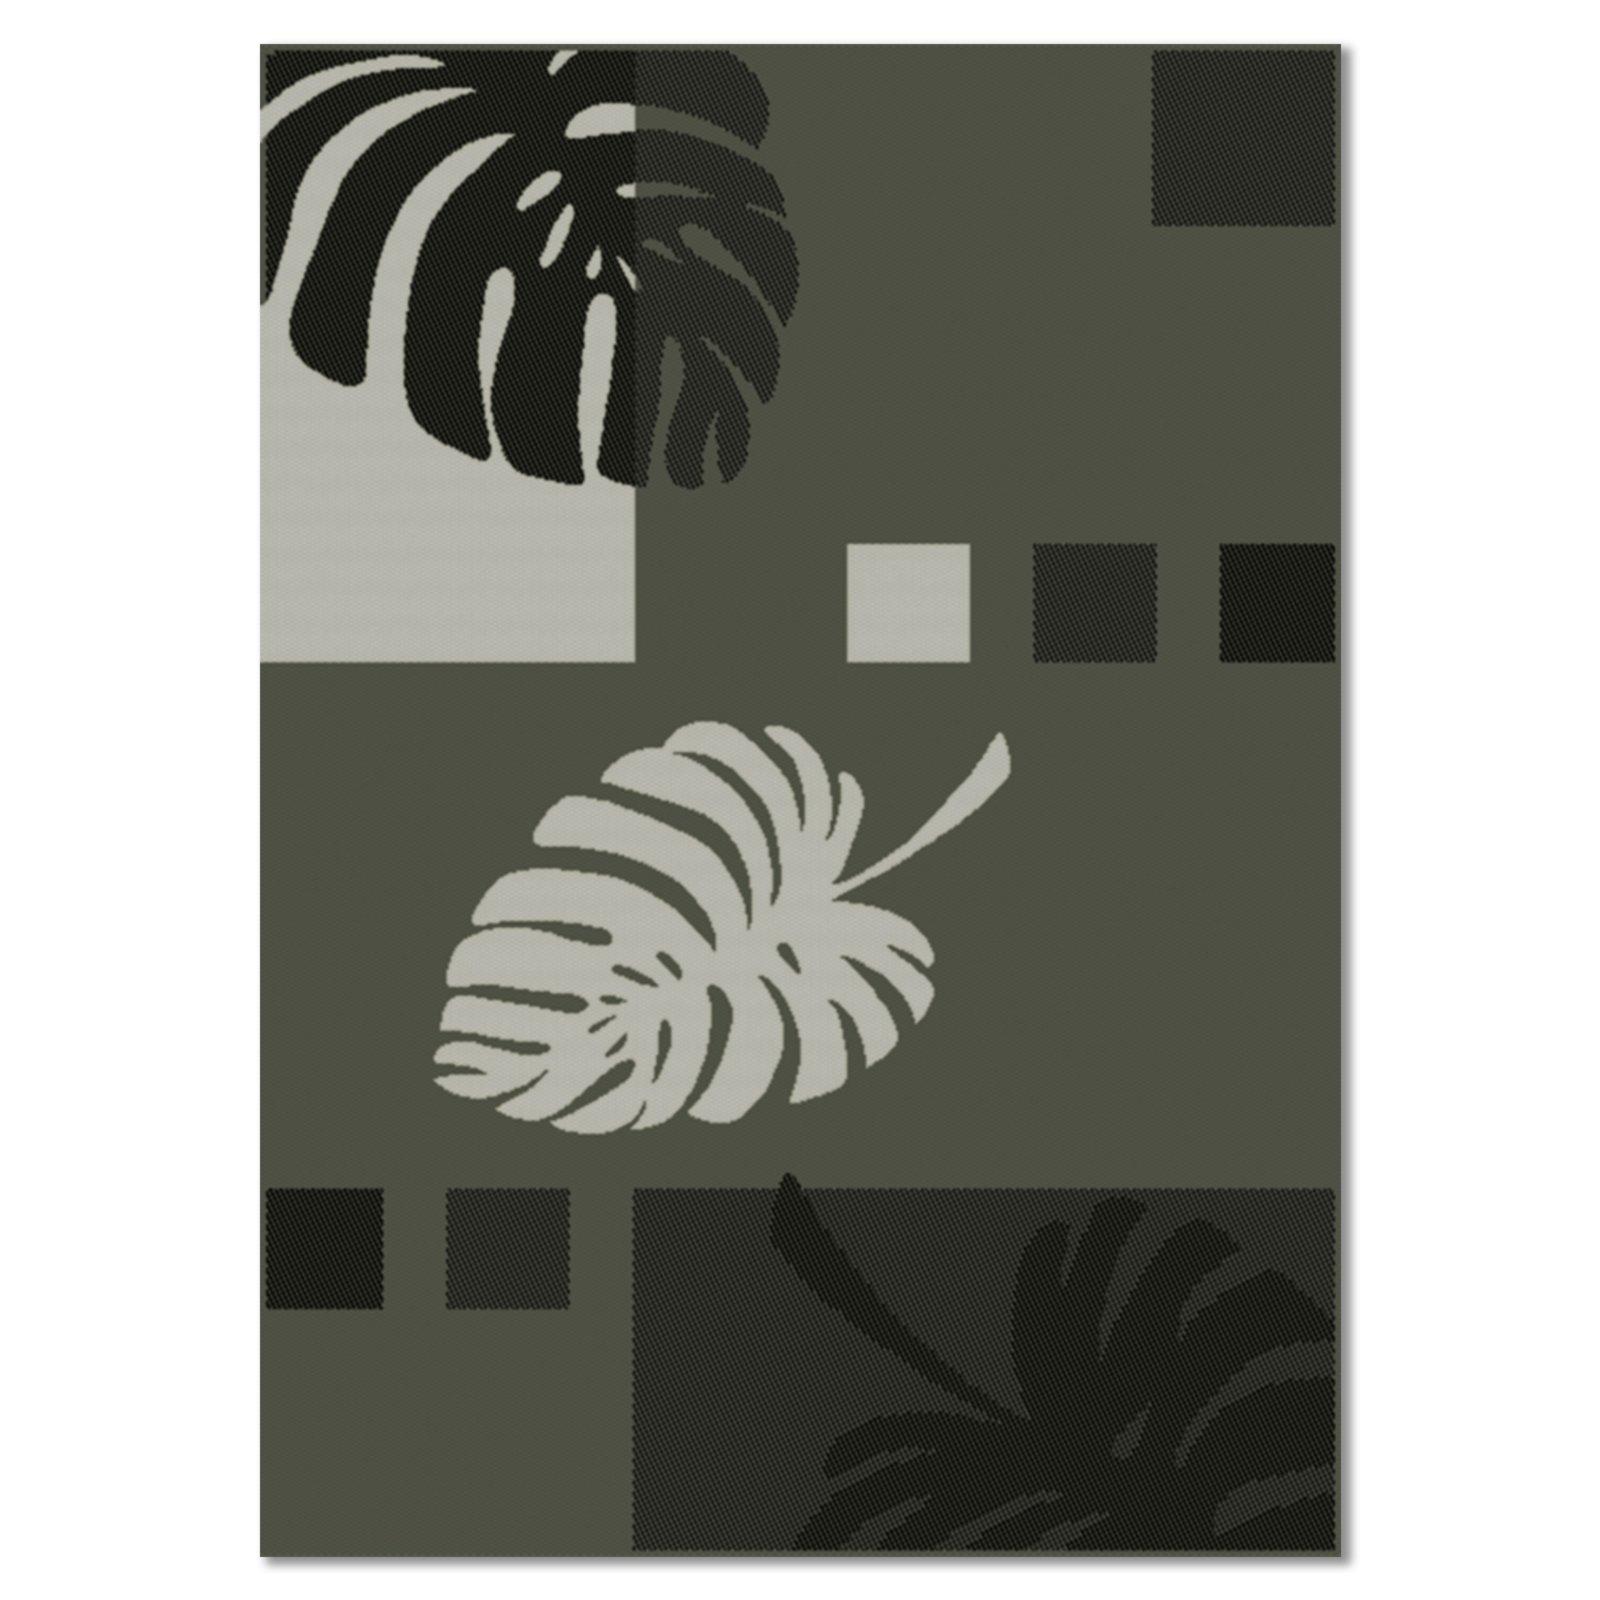 teppich oslo grau bl tterdekor 160x230 cm gemusterte teppiche teppiche l ufer deko. Black Bedroom Furniture Sets. Home Design Ideas